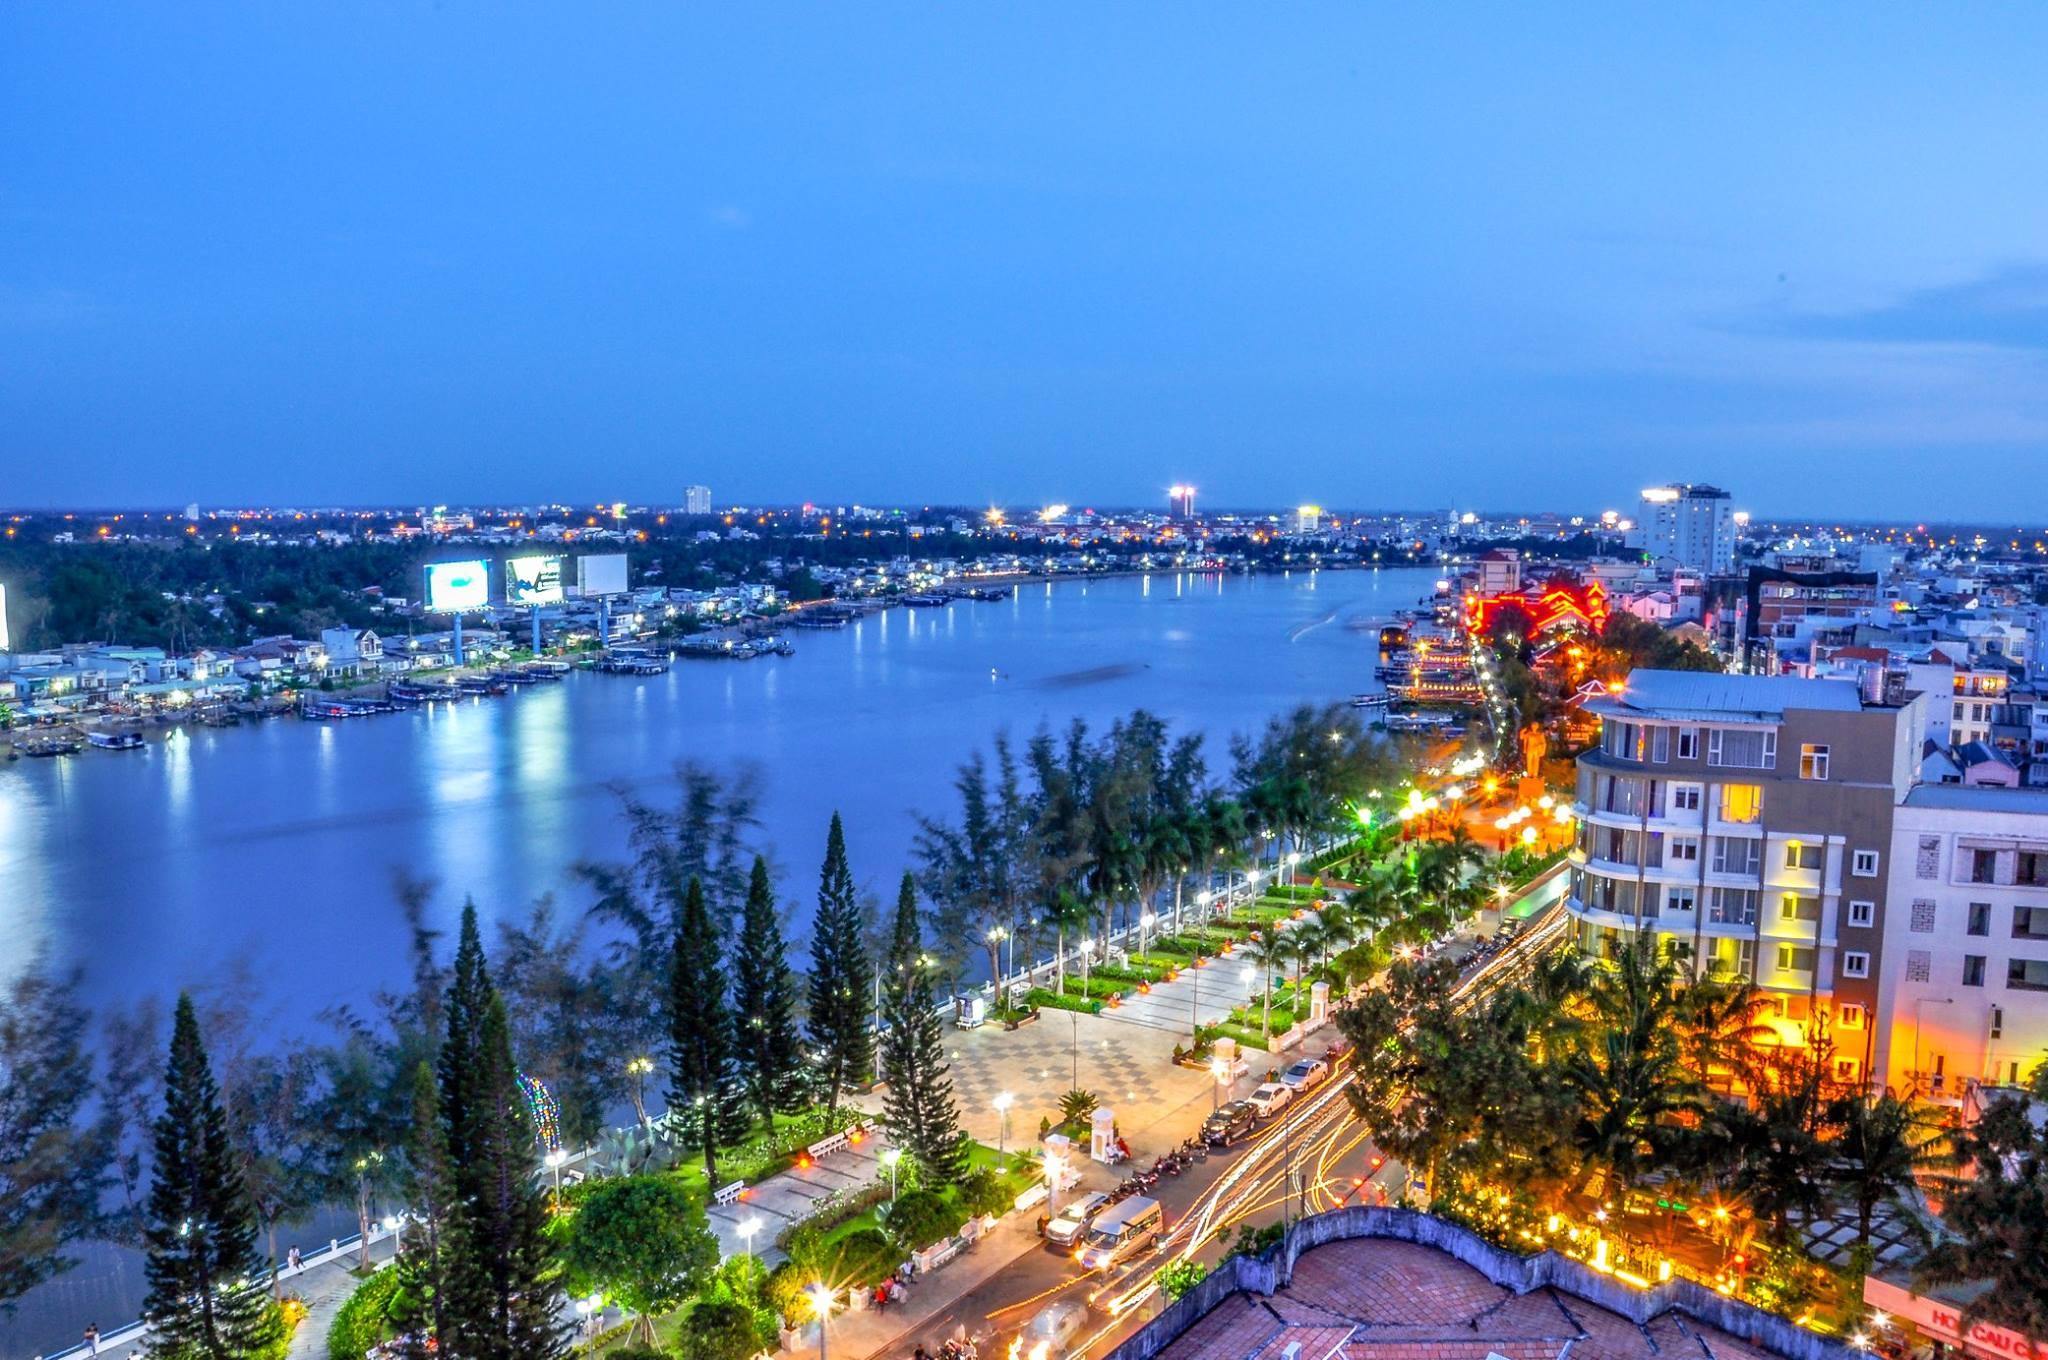 Về Cần Thơ nhớ ghé thăm Bến Ninh Kiều - Biểu tượng của xứ Tây Đô